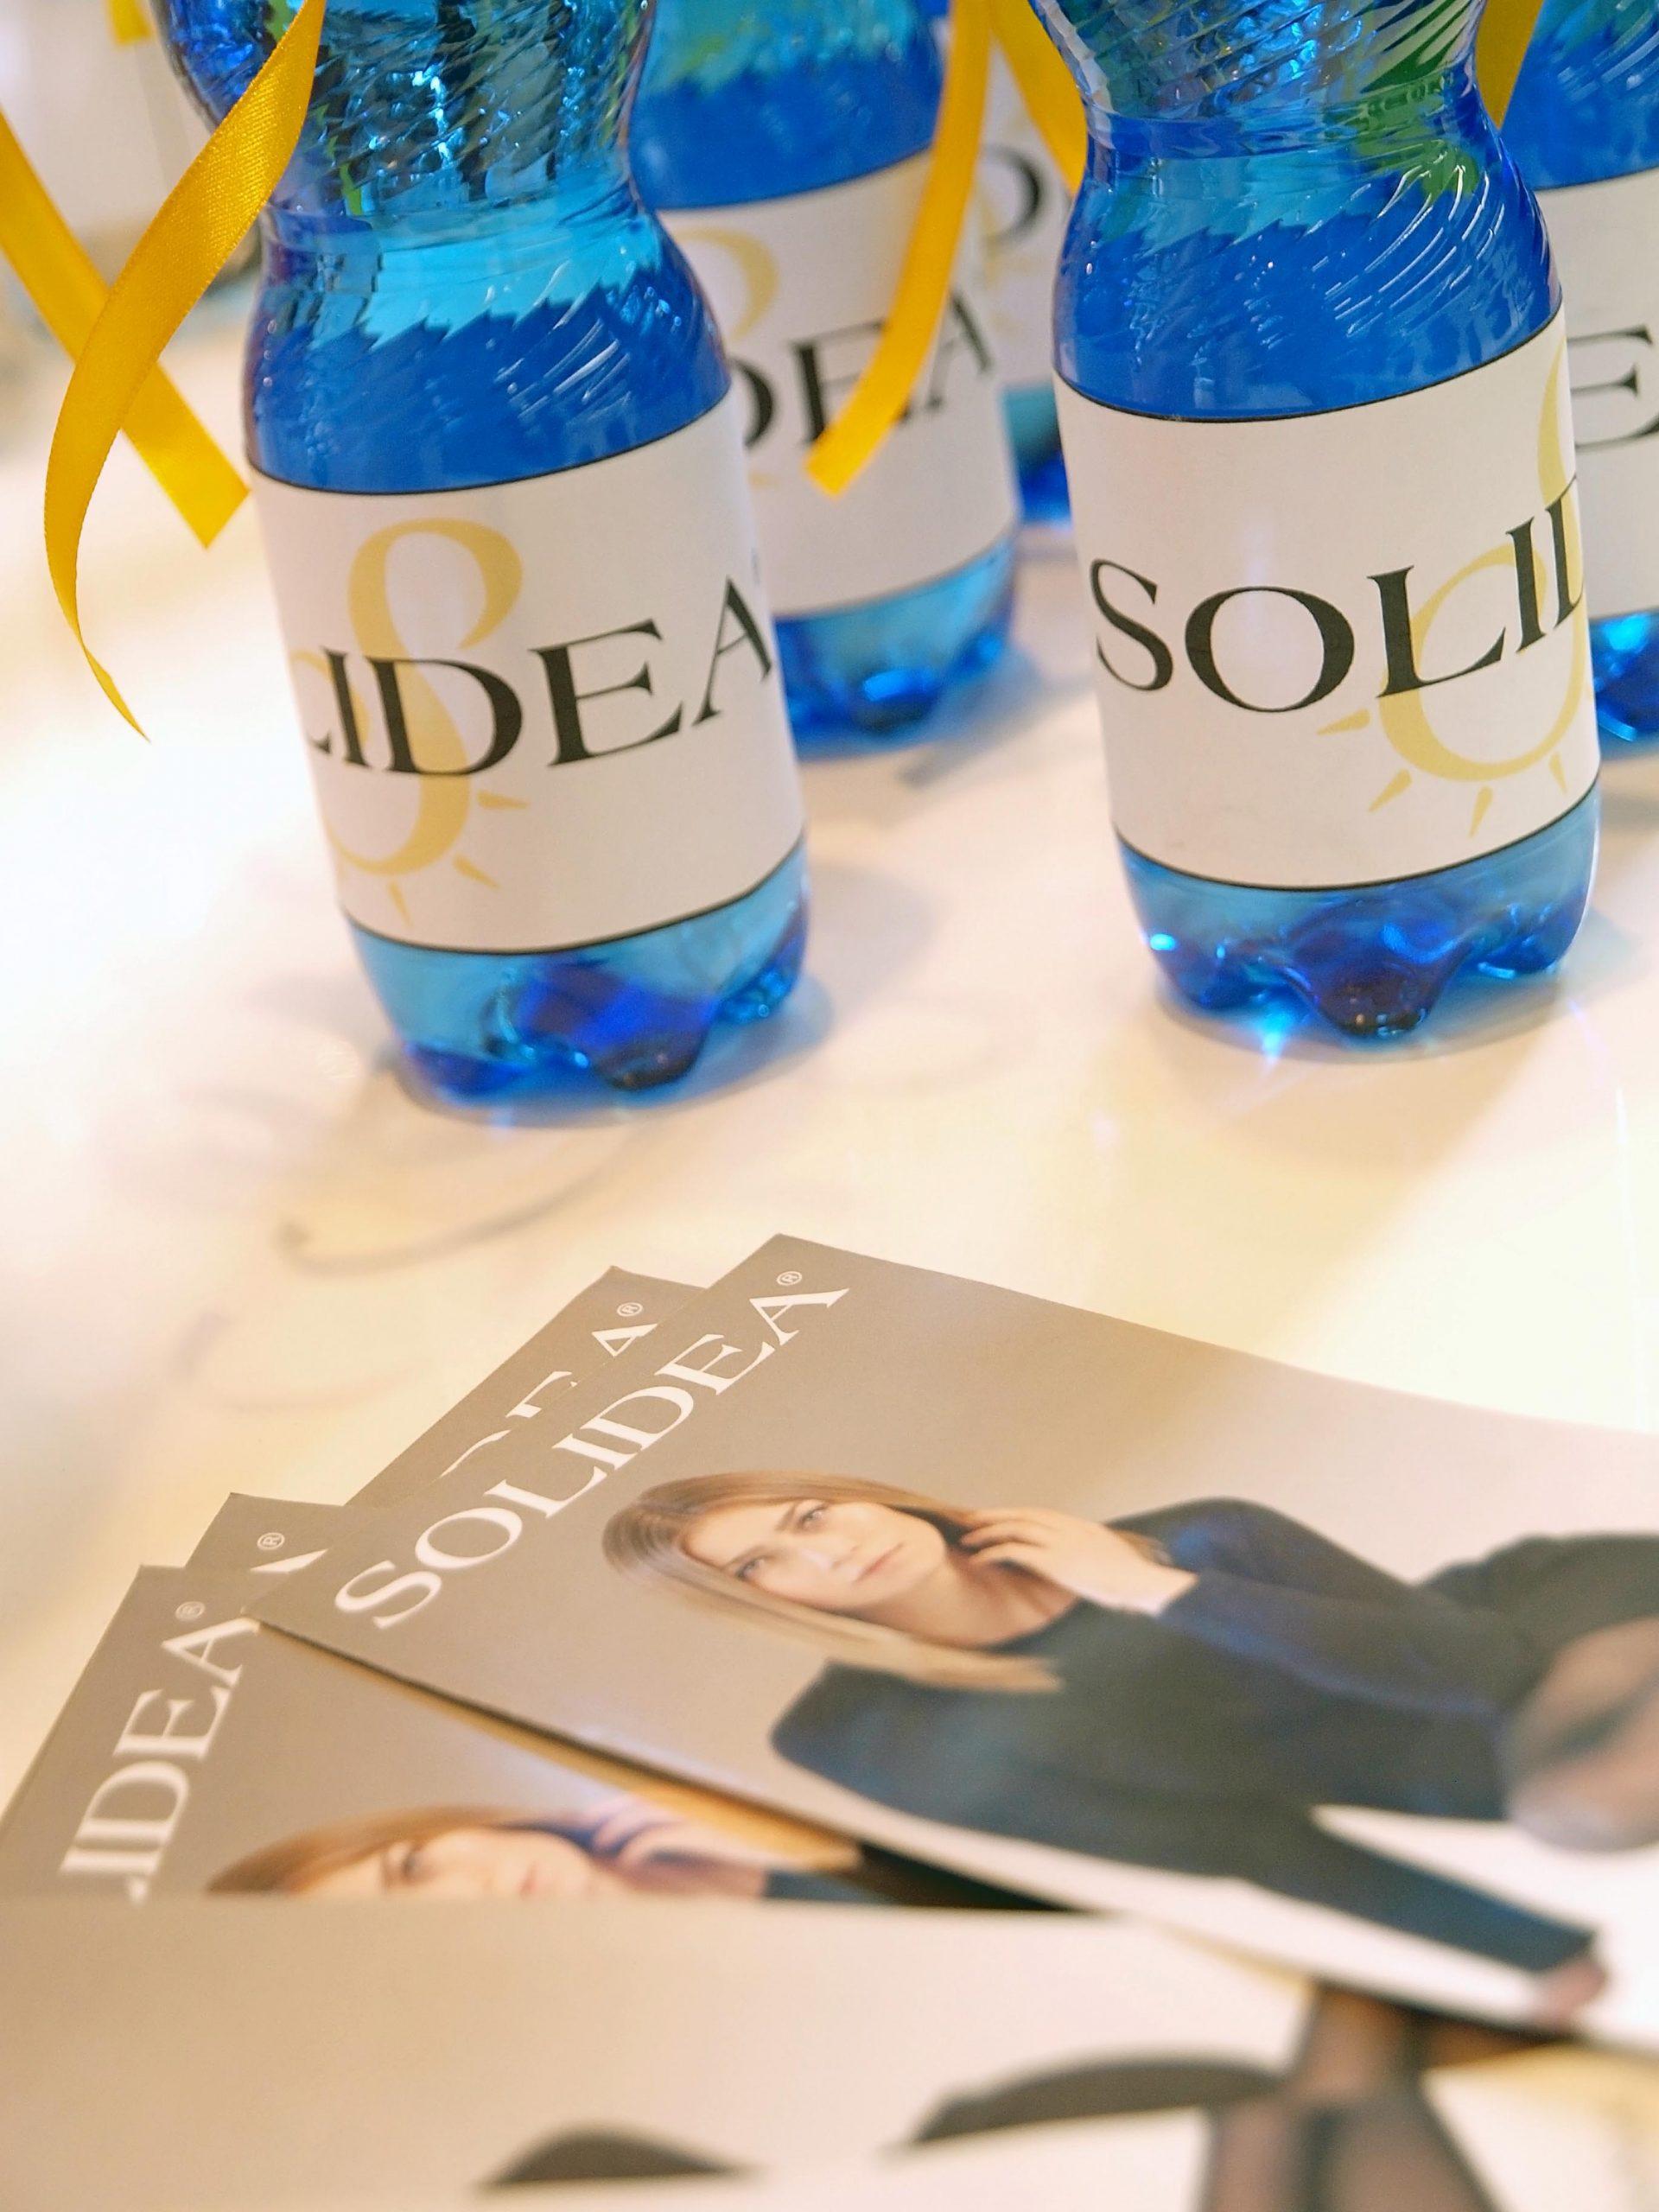 Solidea predstavila kolekciju za hladniji dio godine - umjerena kompresija i savršena borba protiv celulita!